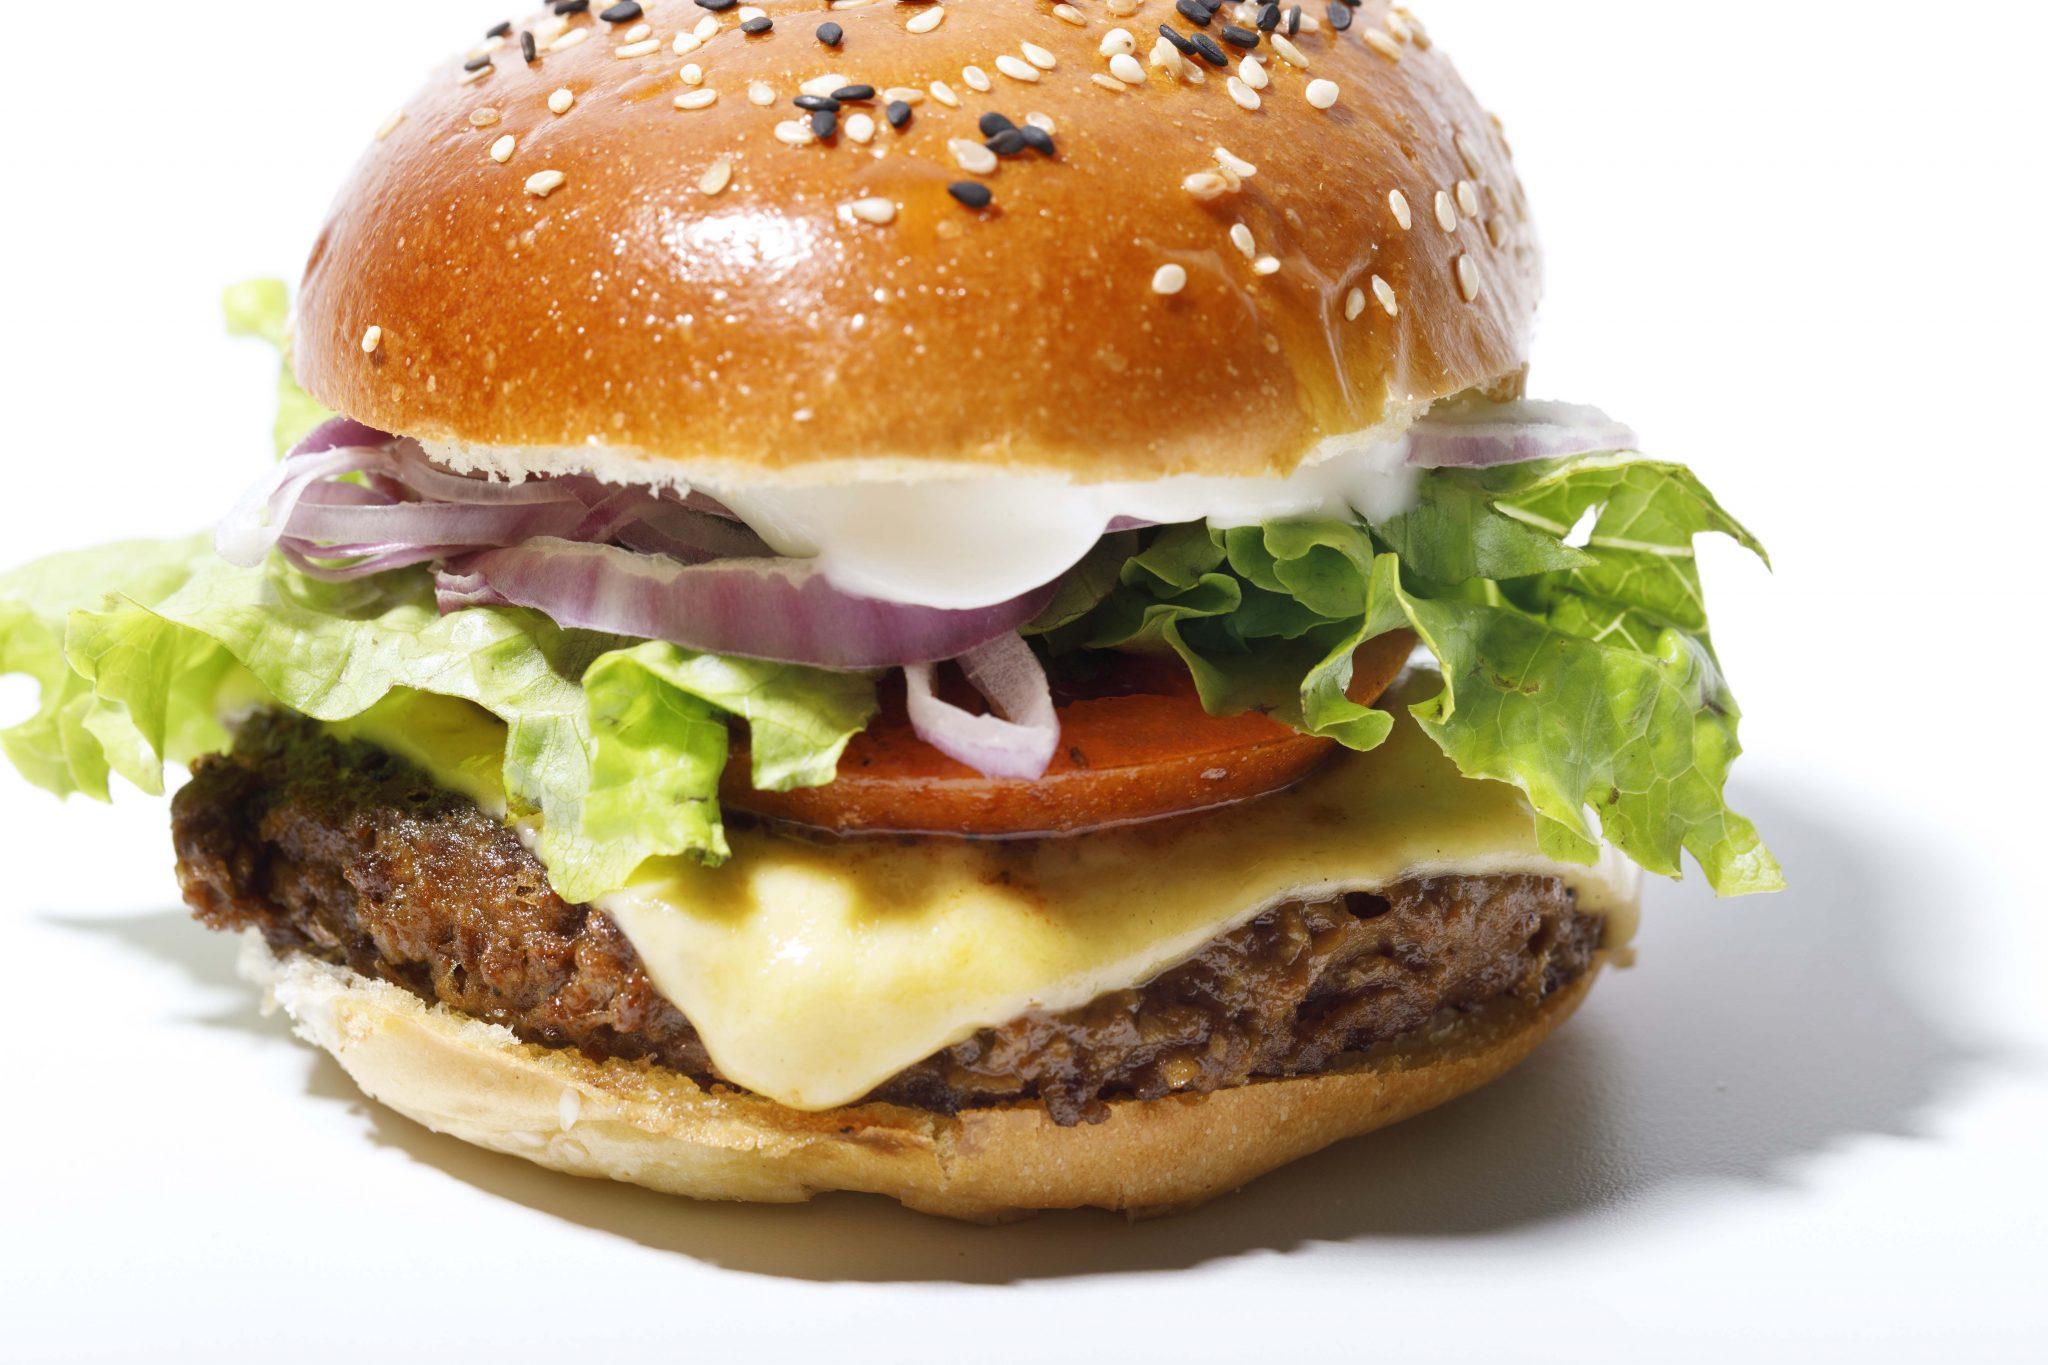 LC Futuro aposta em delivery com opções veganas e vegetarianas